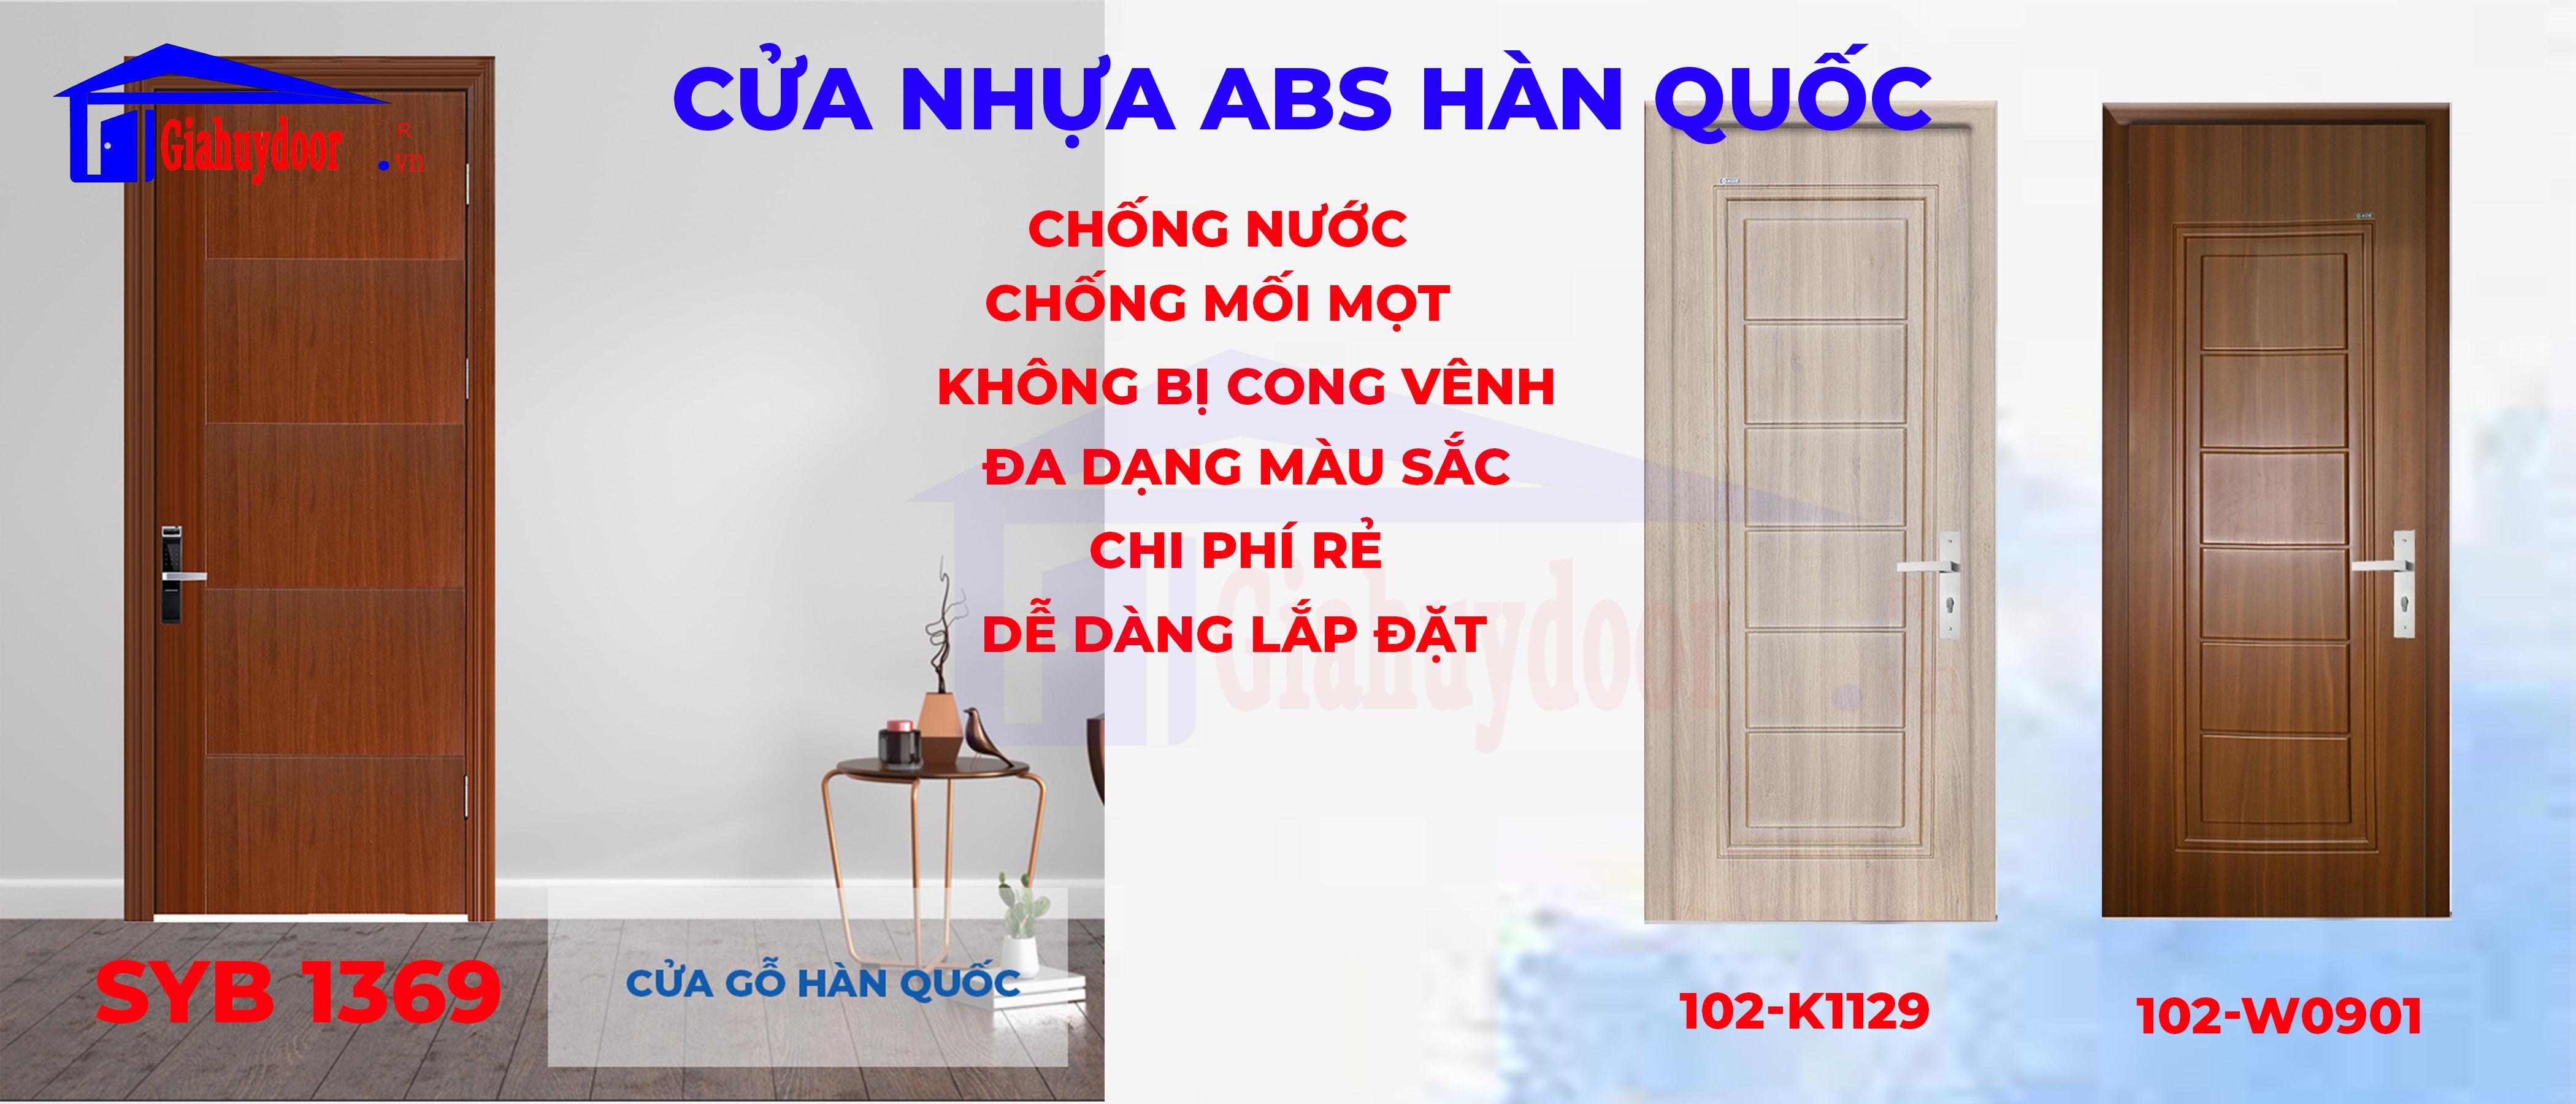 Cửa nhựa giả gỗ giá rẻ chống nước ABS Hàn Quốc